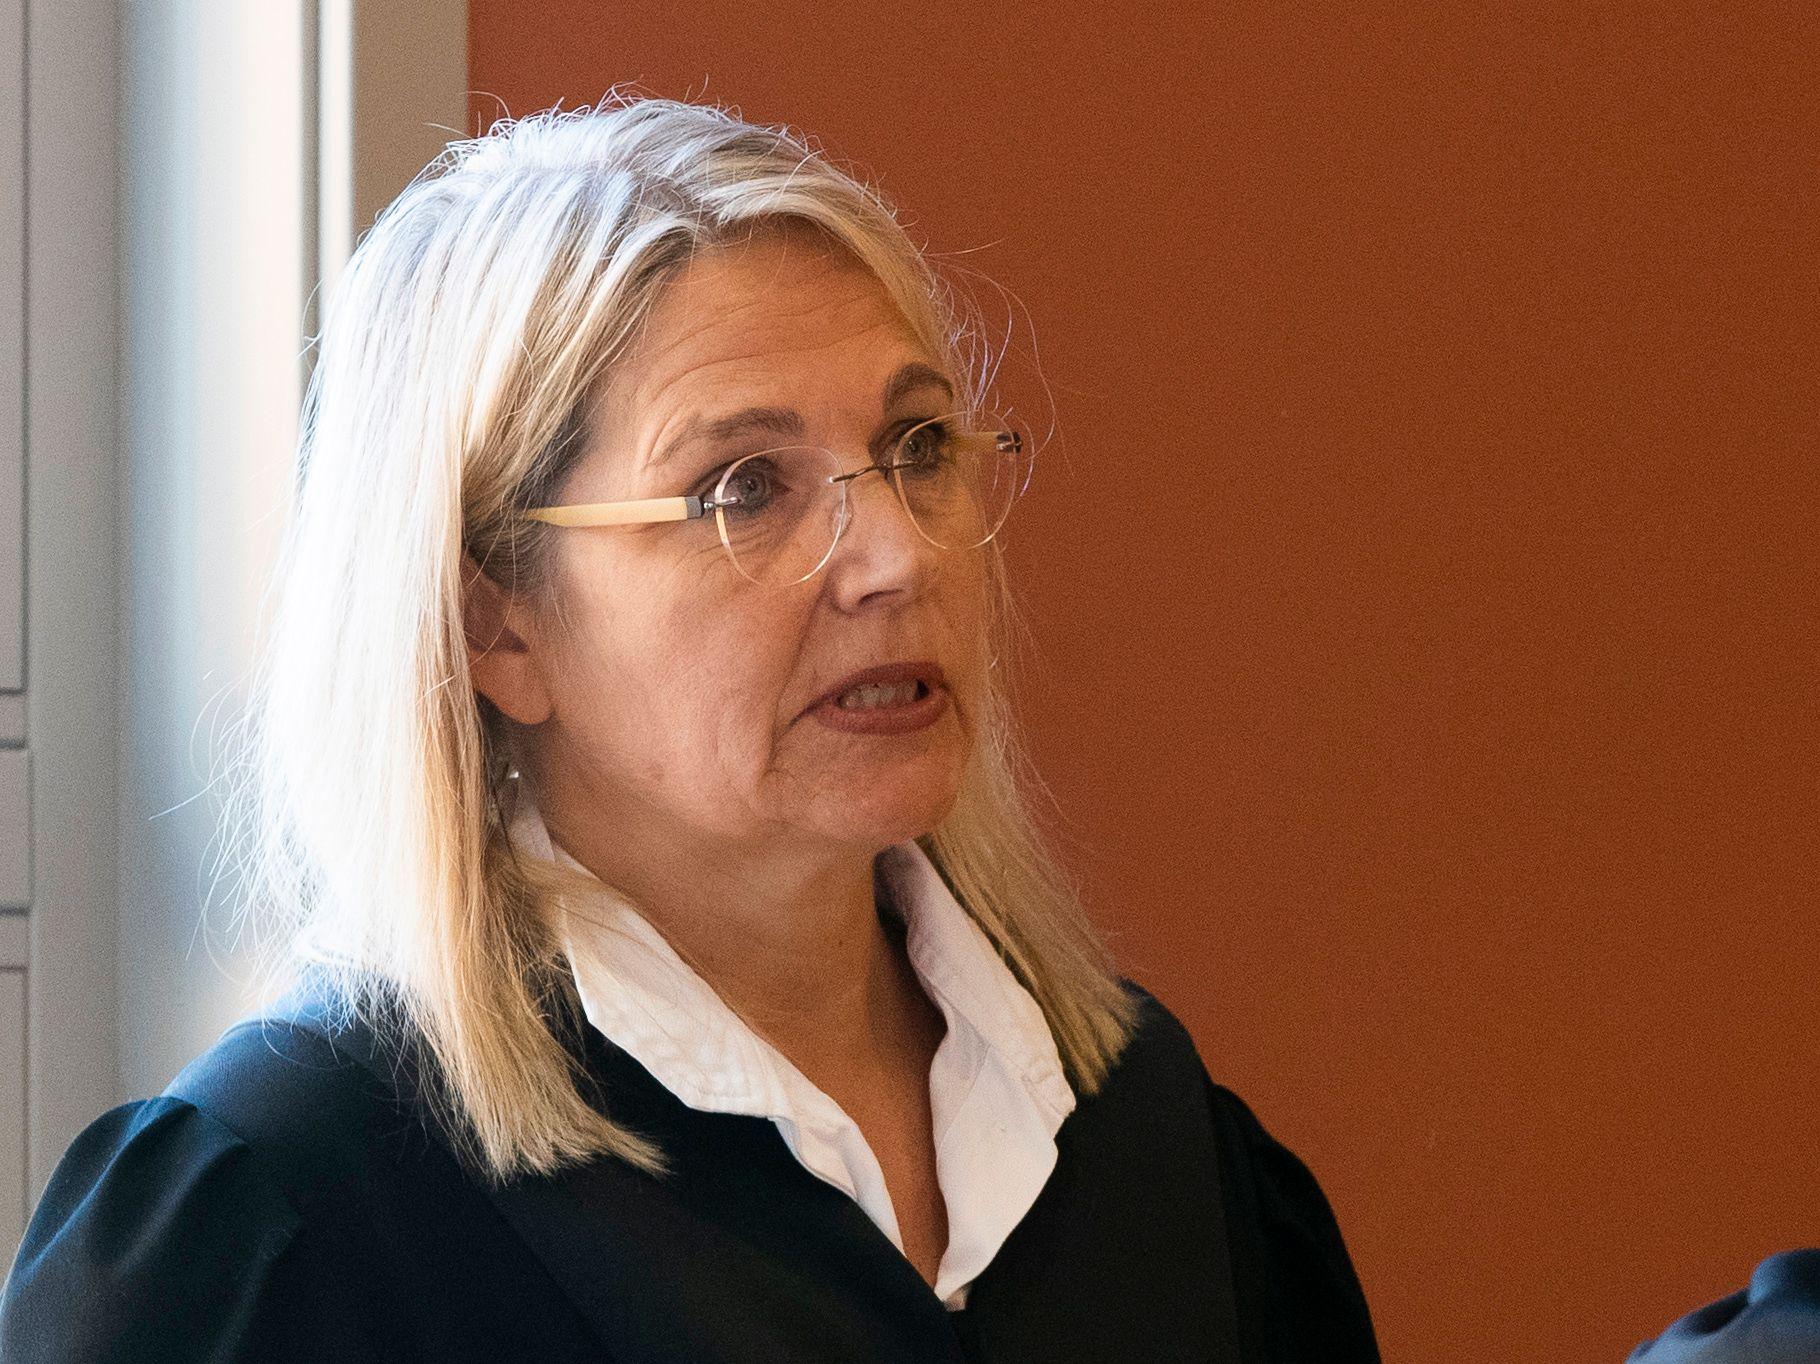 BISTANDSADVOKAT: Nina Hjortdal er bistandsadvokat for Laura Iris Haugens familie.